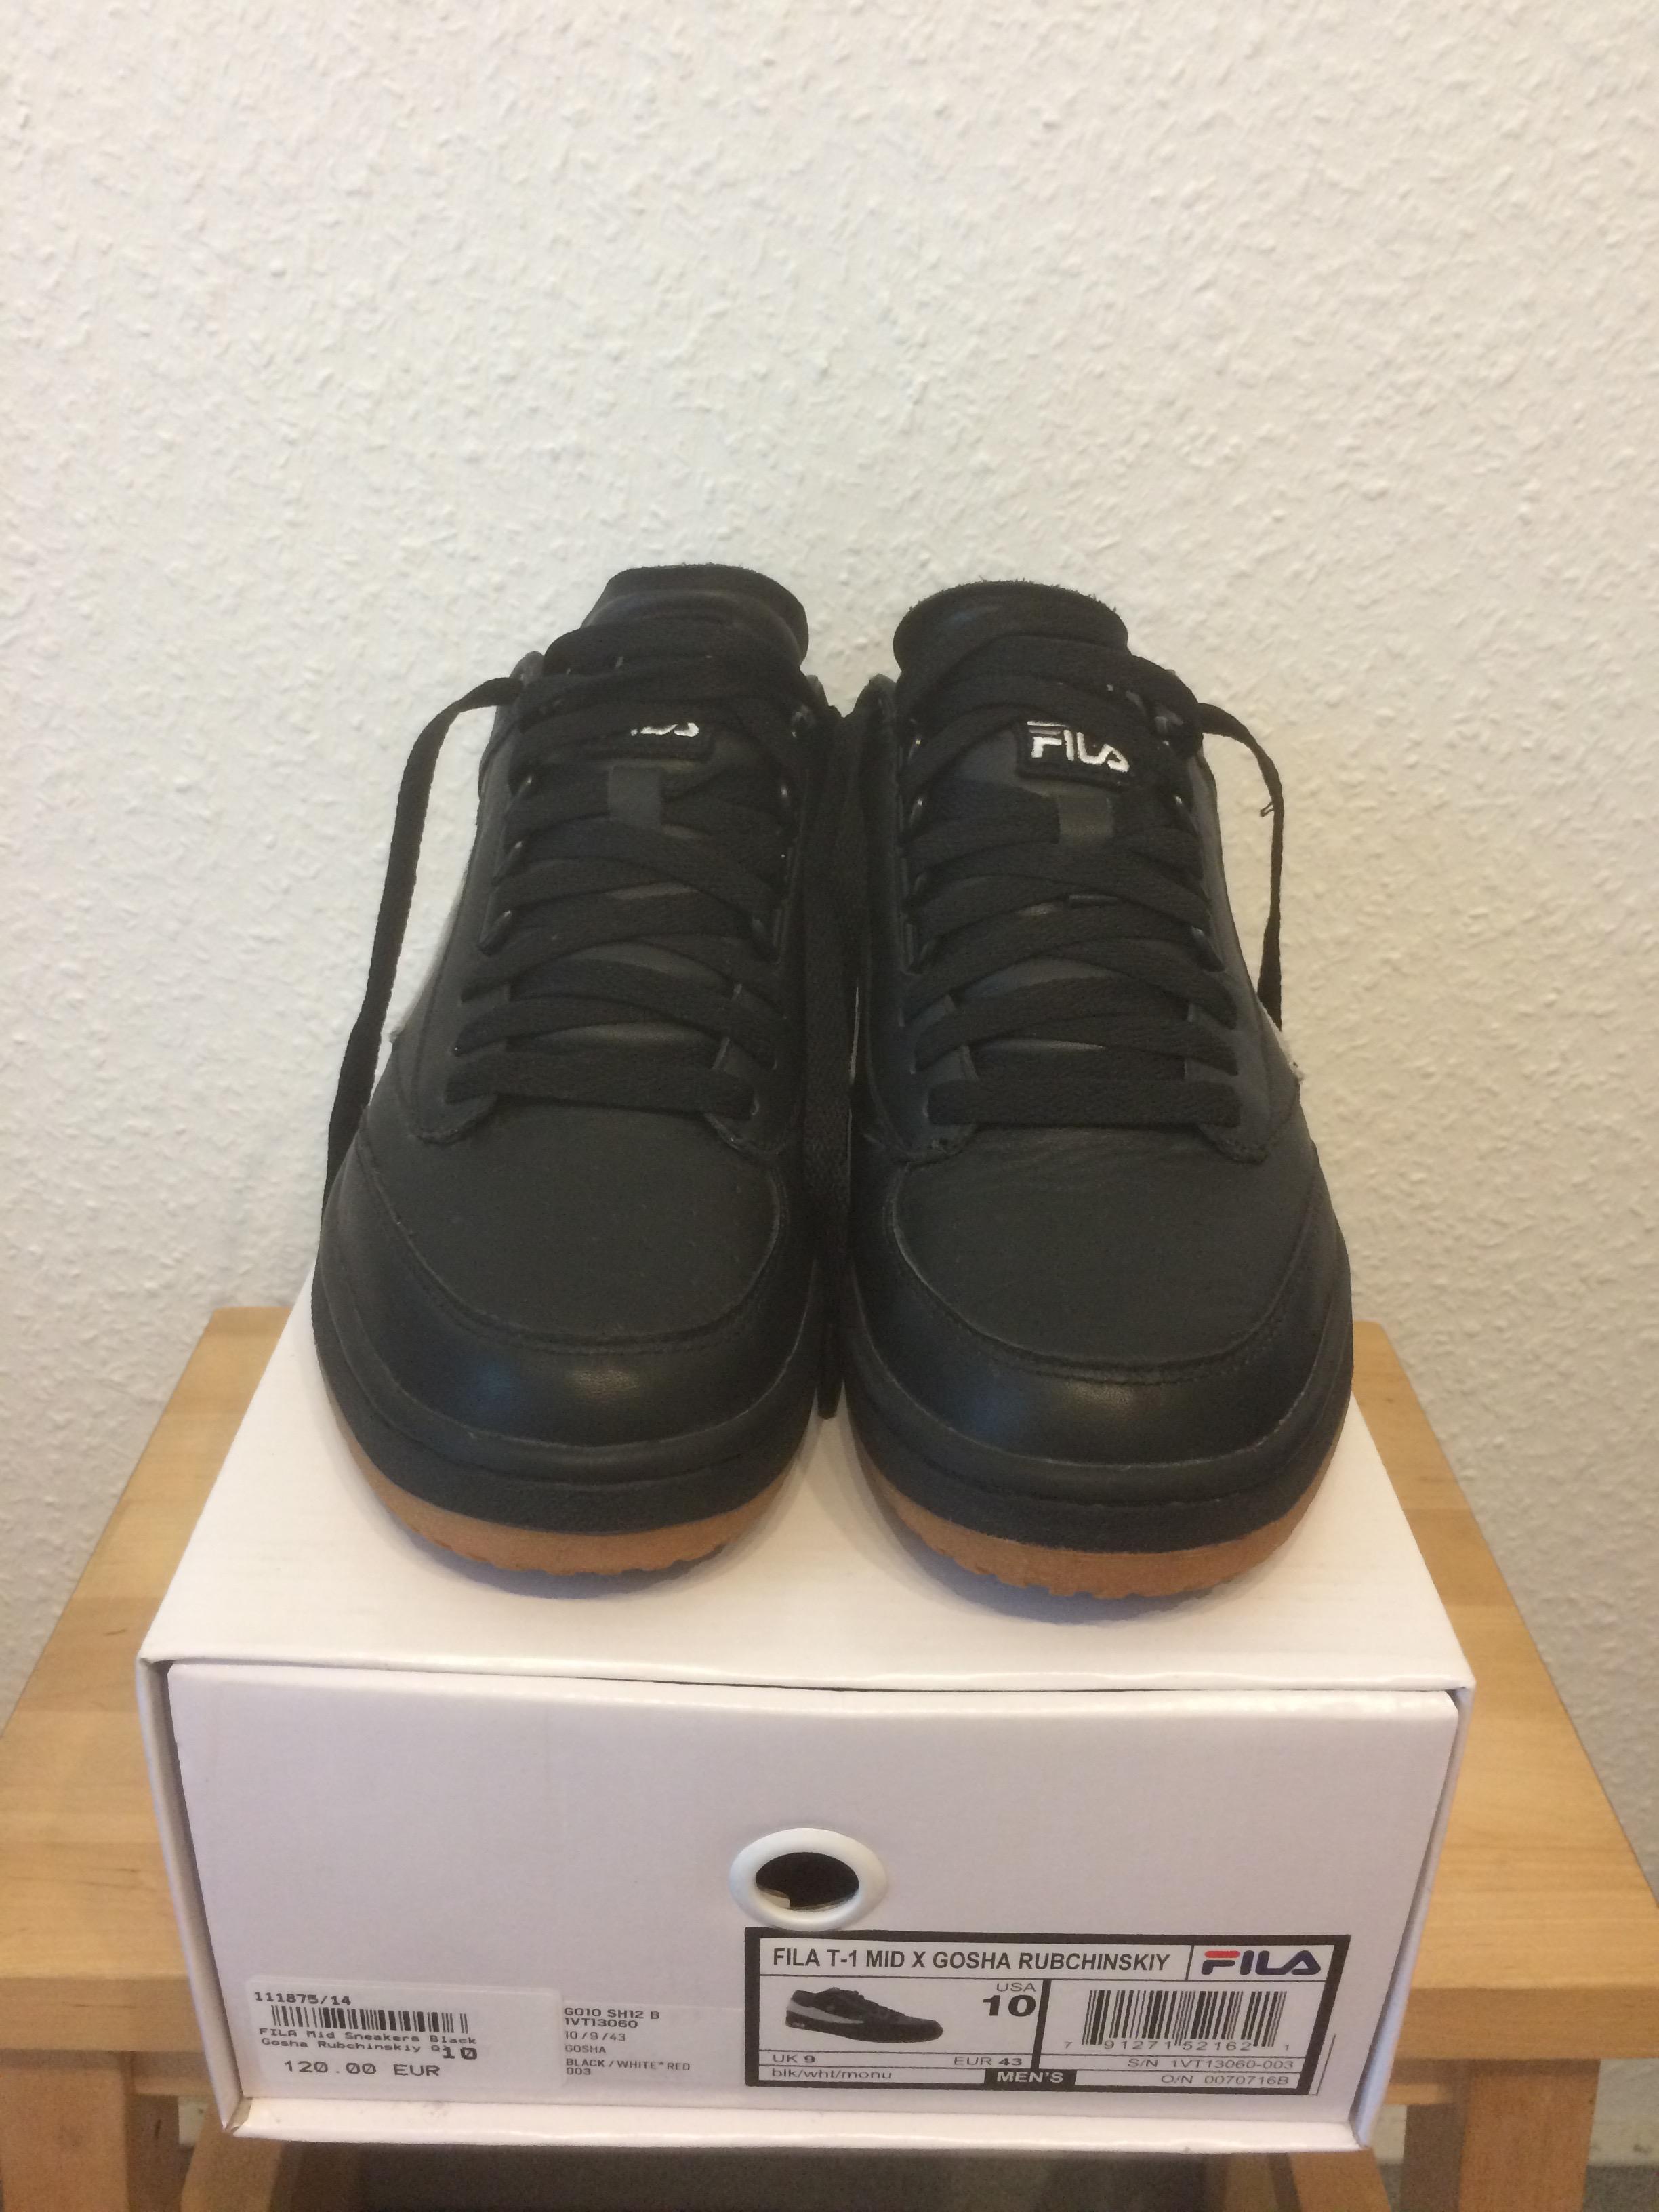 Gosha Rubchinskiy x Fila T 1 Mid Sneakers BlackWhite